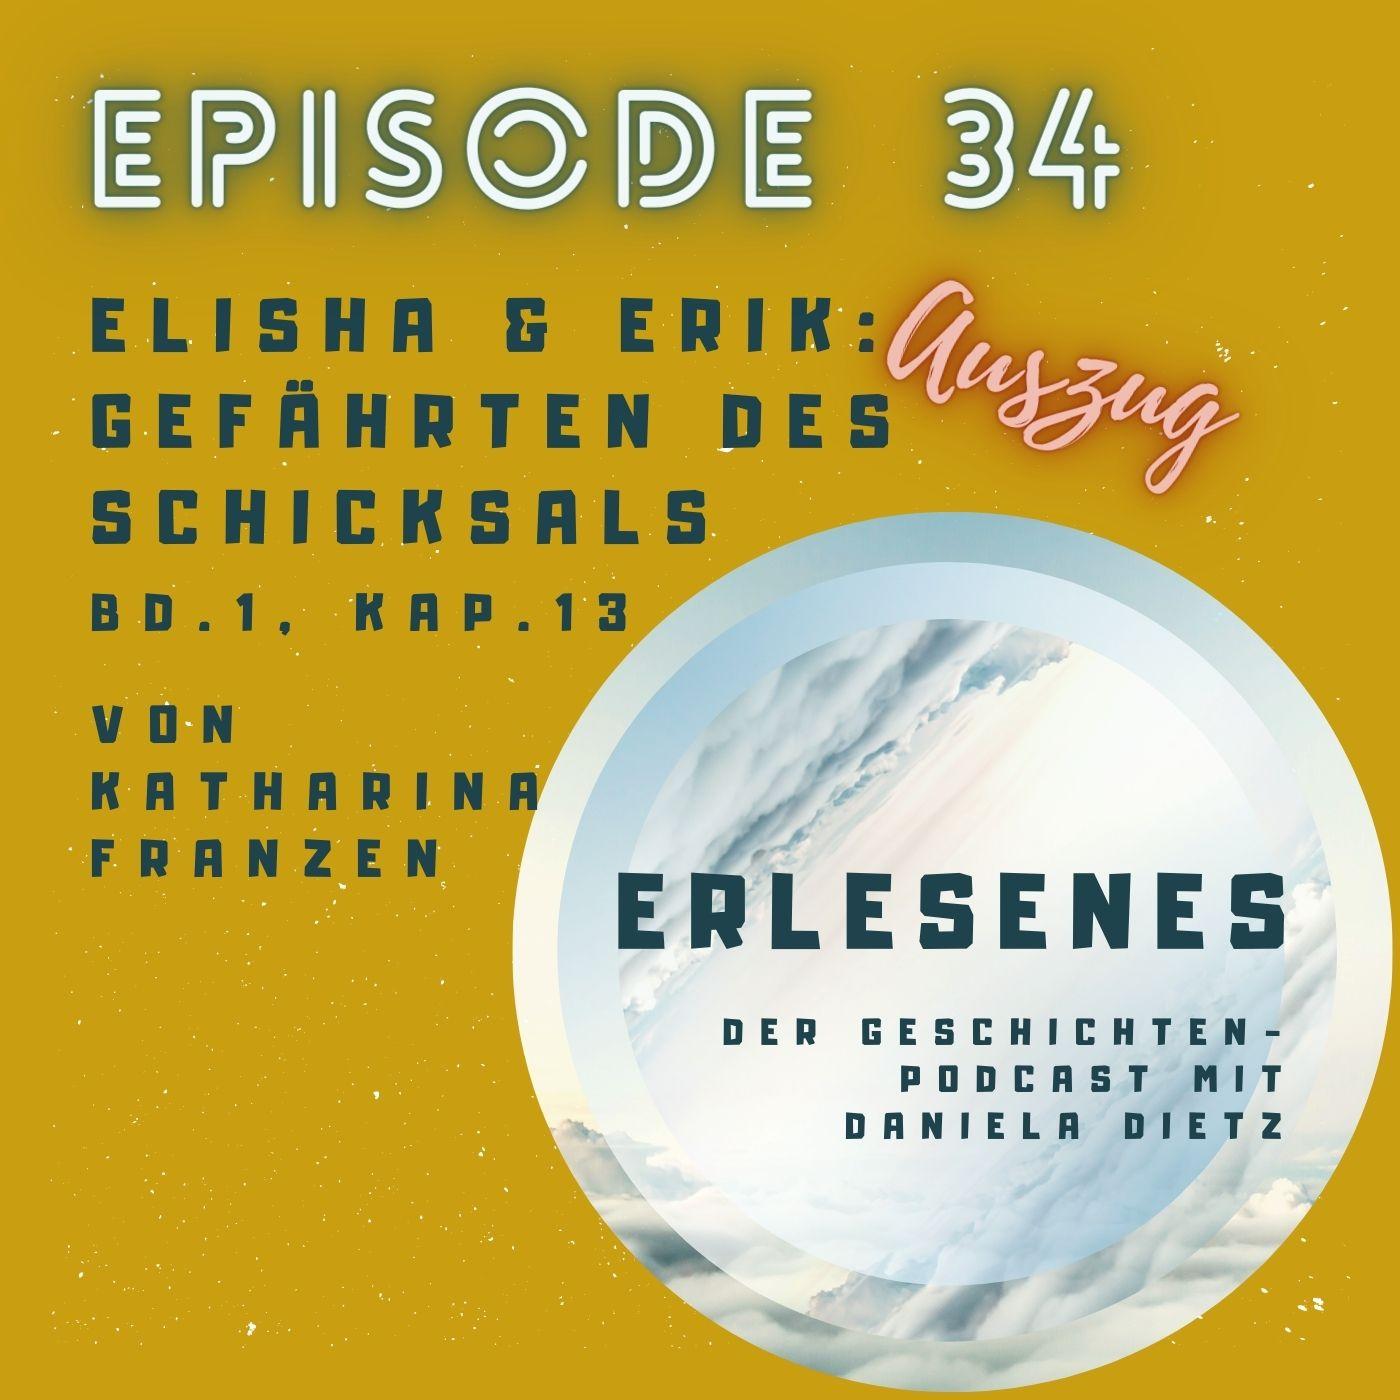 Episode 34: Elisha & Erik: Gefährten des Schicksals (Auszug: Band 1, Kap. 13) von Katharina Franzen